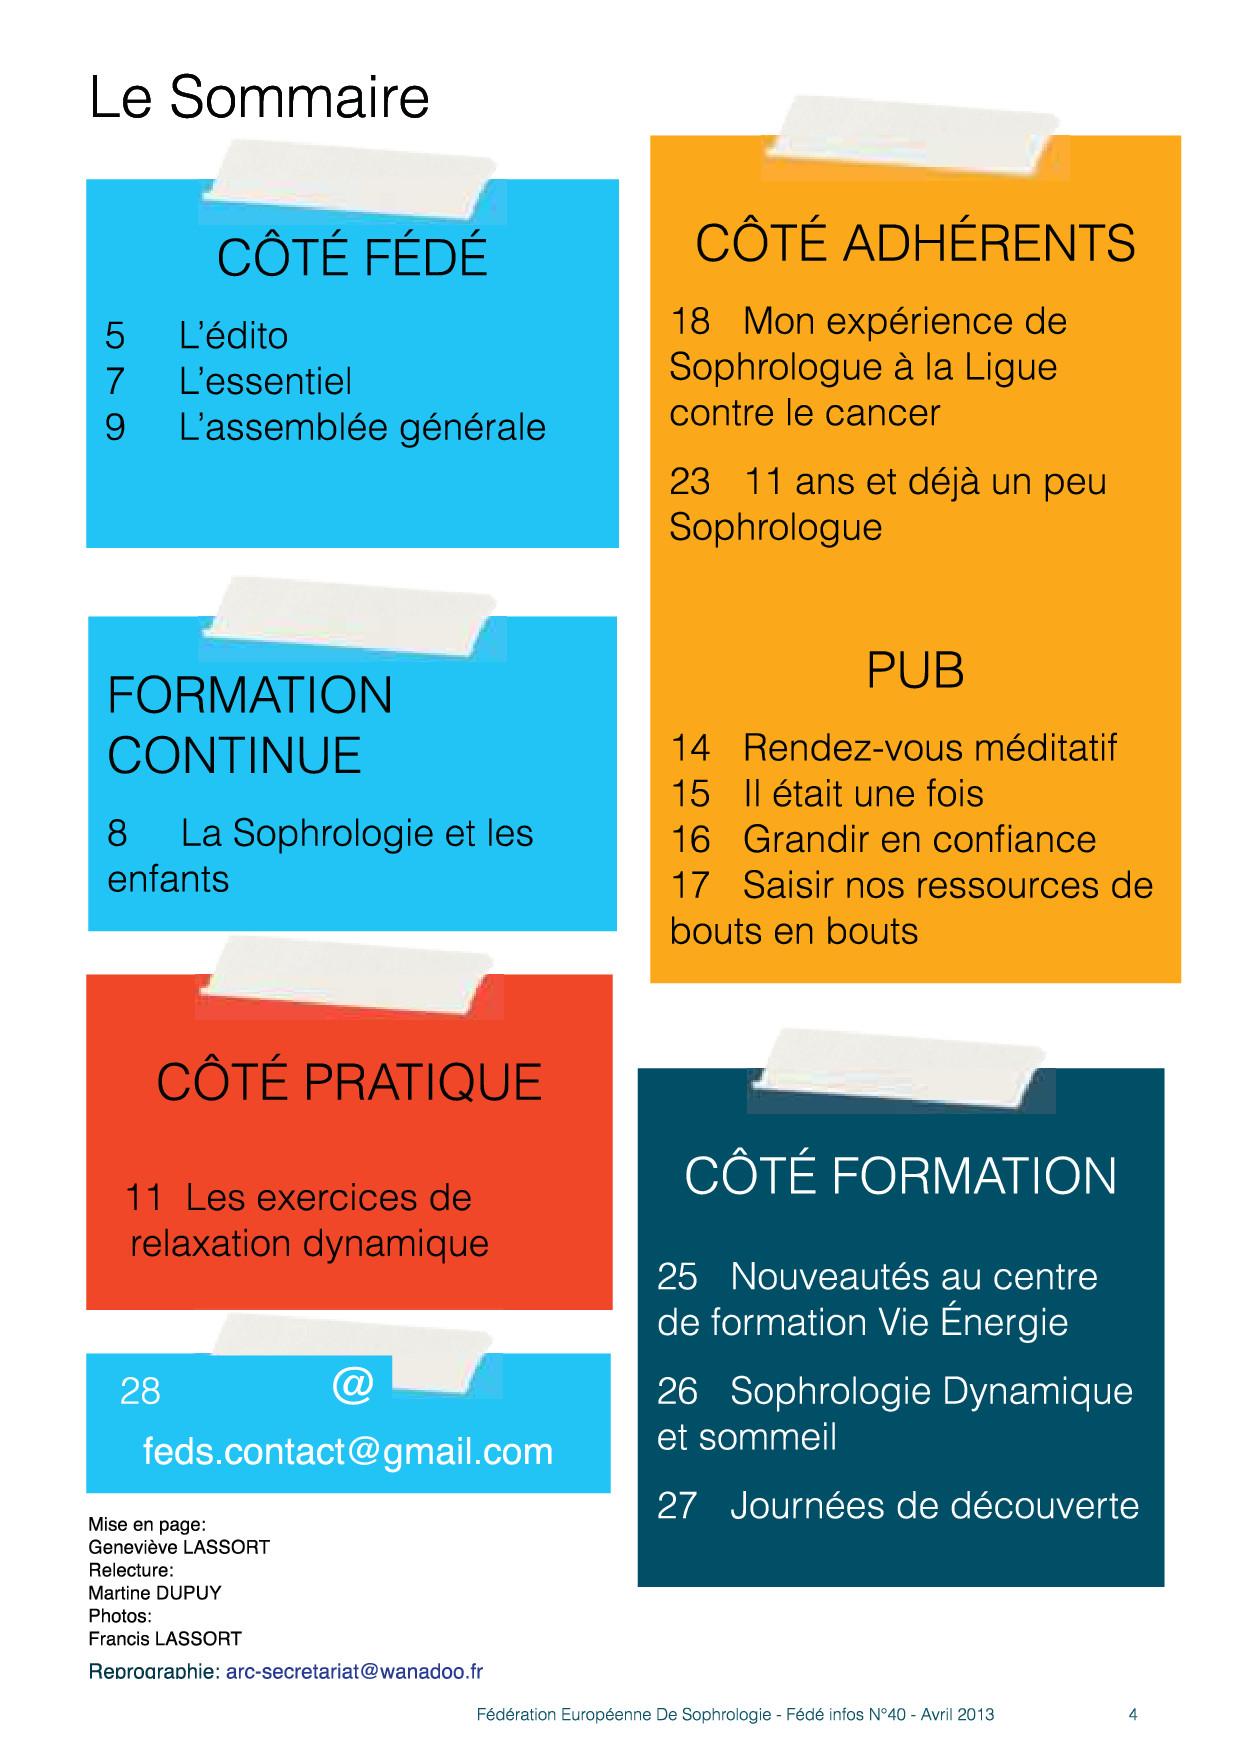 Sommaire Fédé Infos N°40 avril 2013